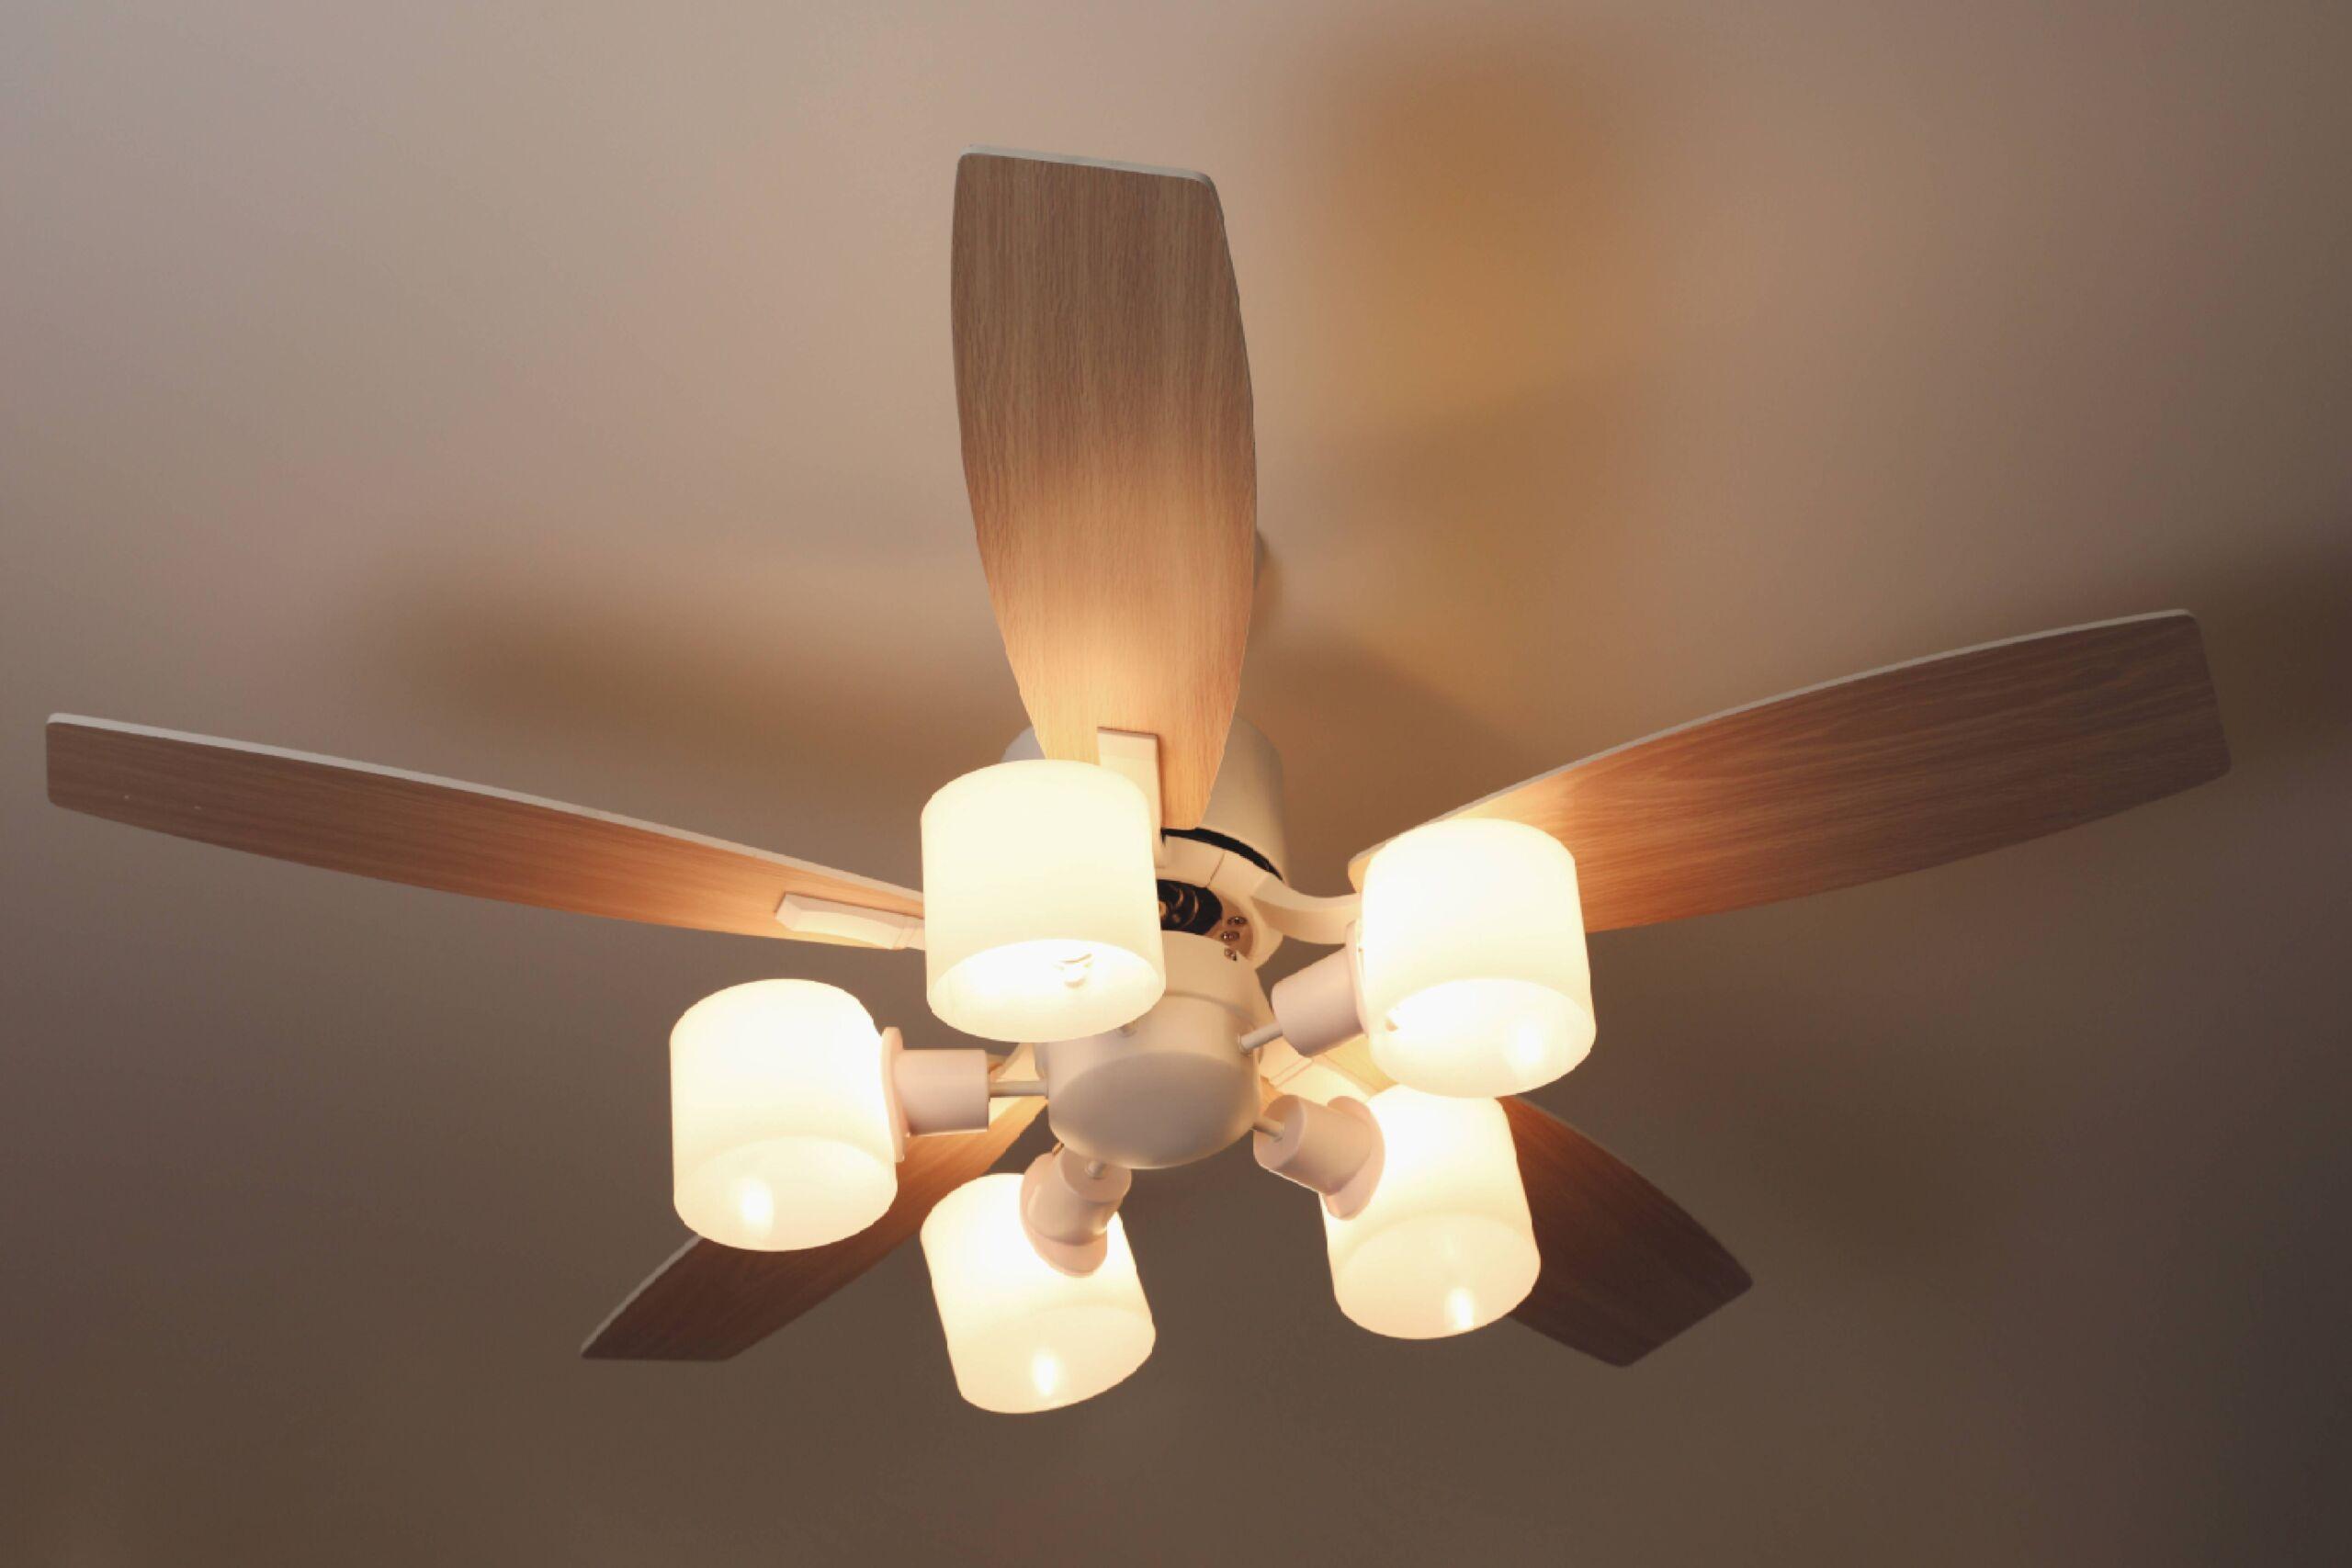 Fan Installation Service